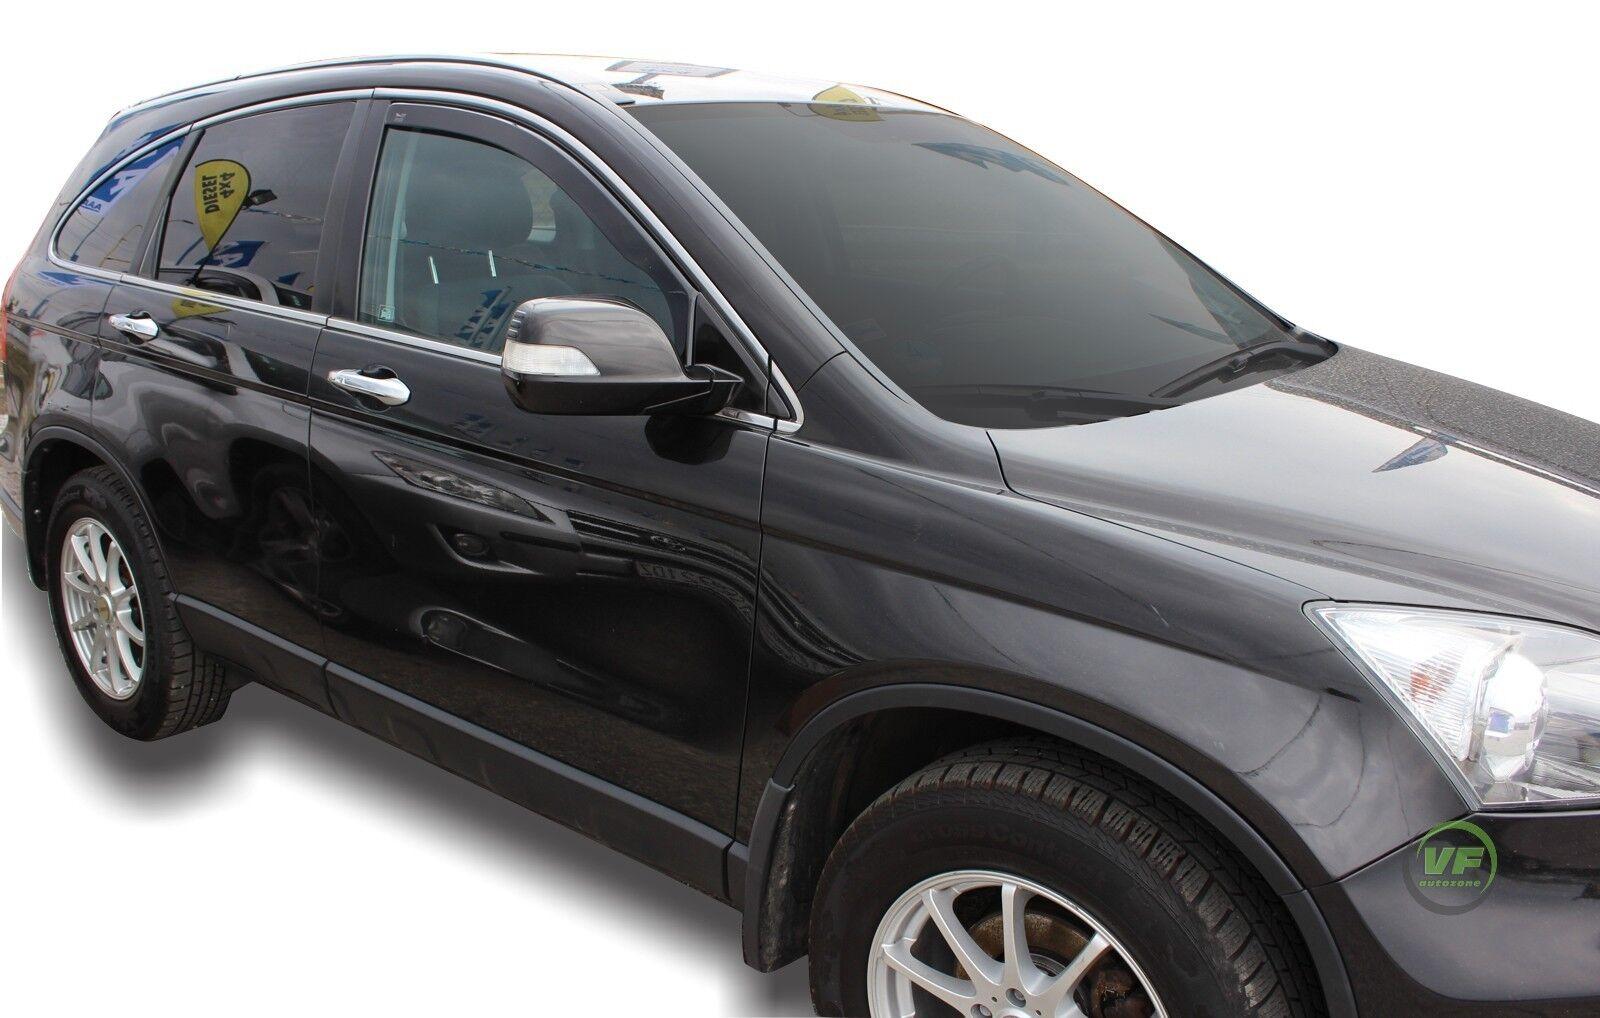 Black FS15444F5 Fleeced Satin Covercraft Custom Fit Car Cover for Select Honda CR-V Models